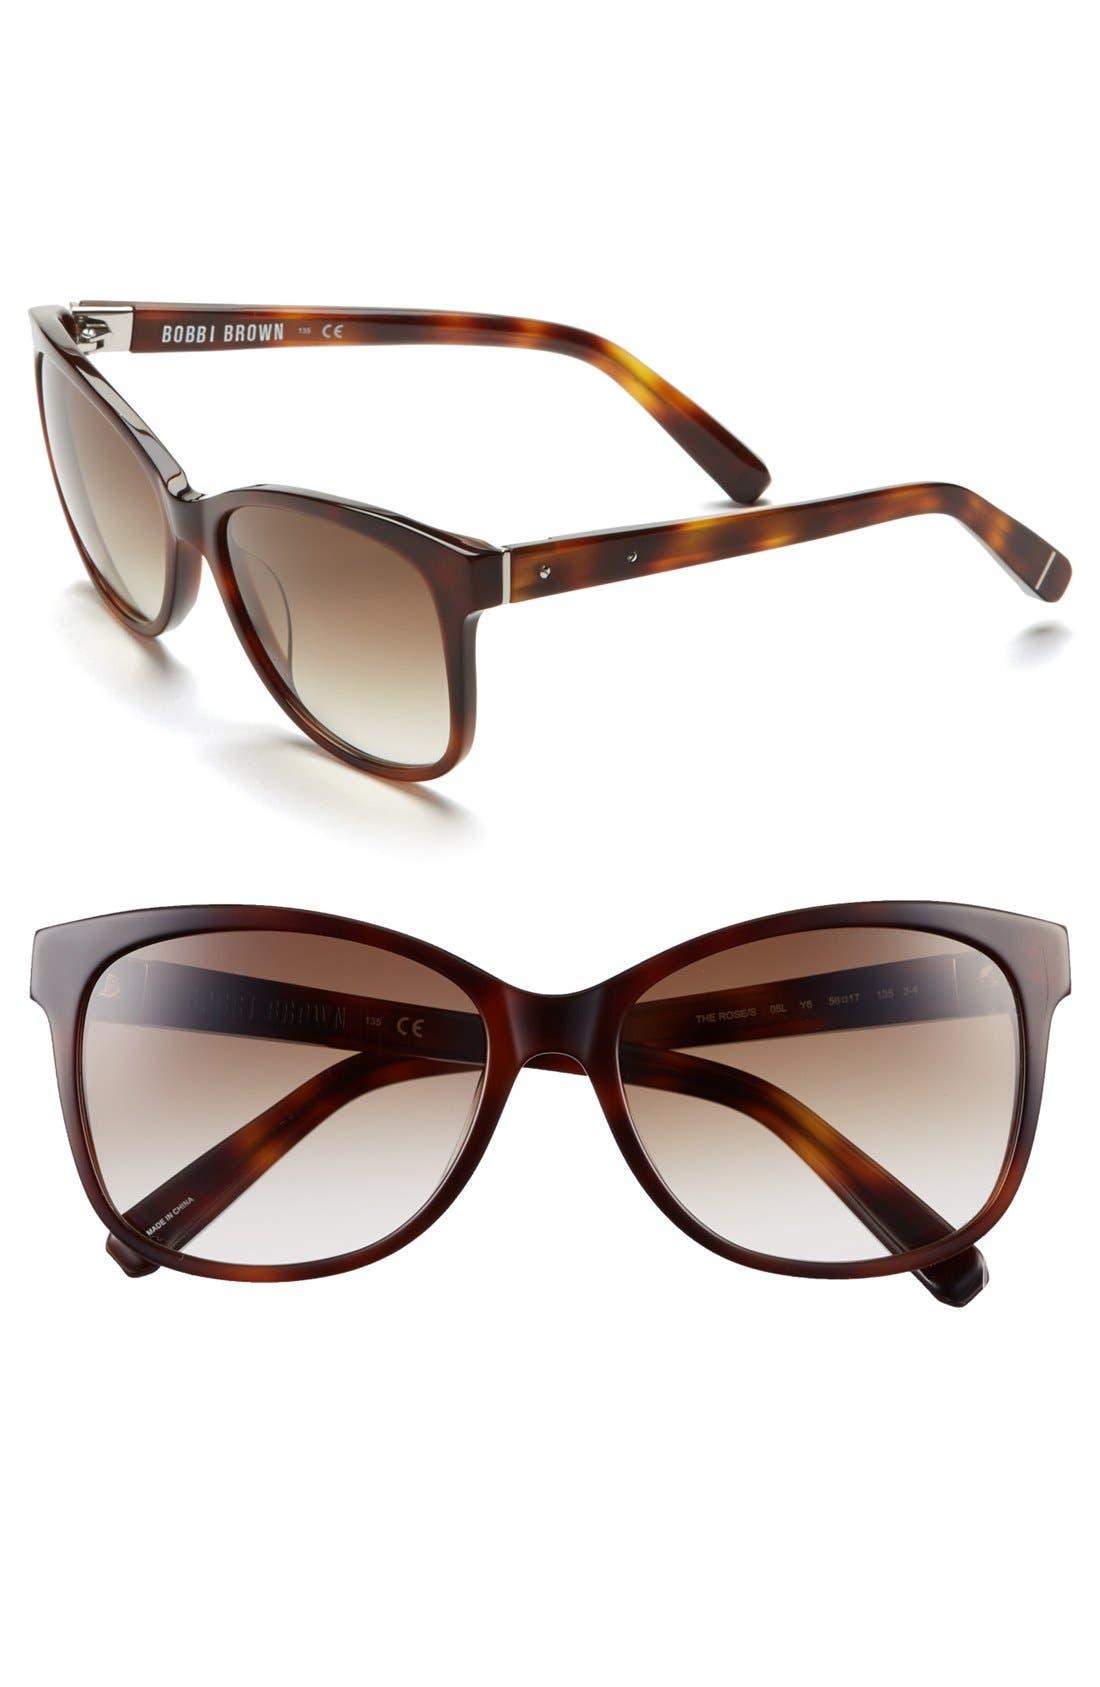 Main Image - Bobbi Brown 'The Rose' 56mm Sunglasses